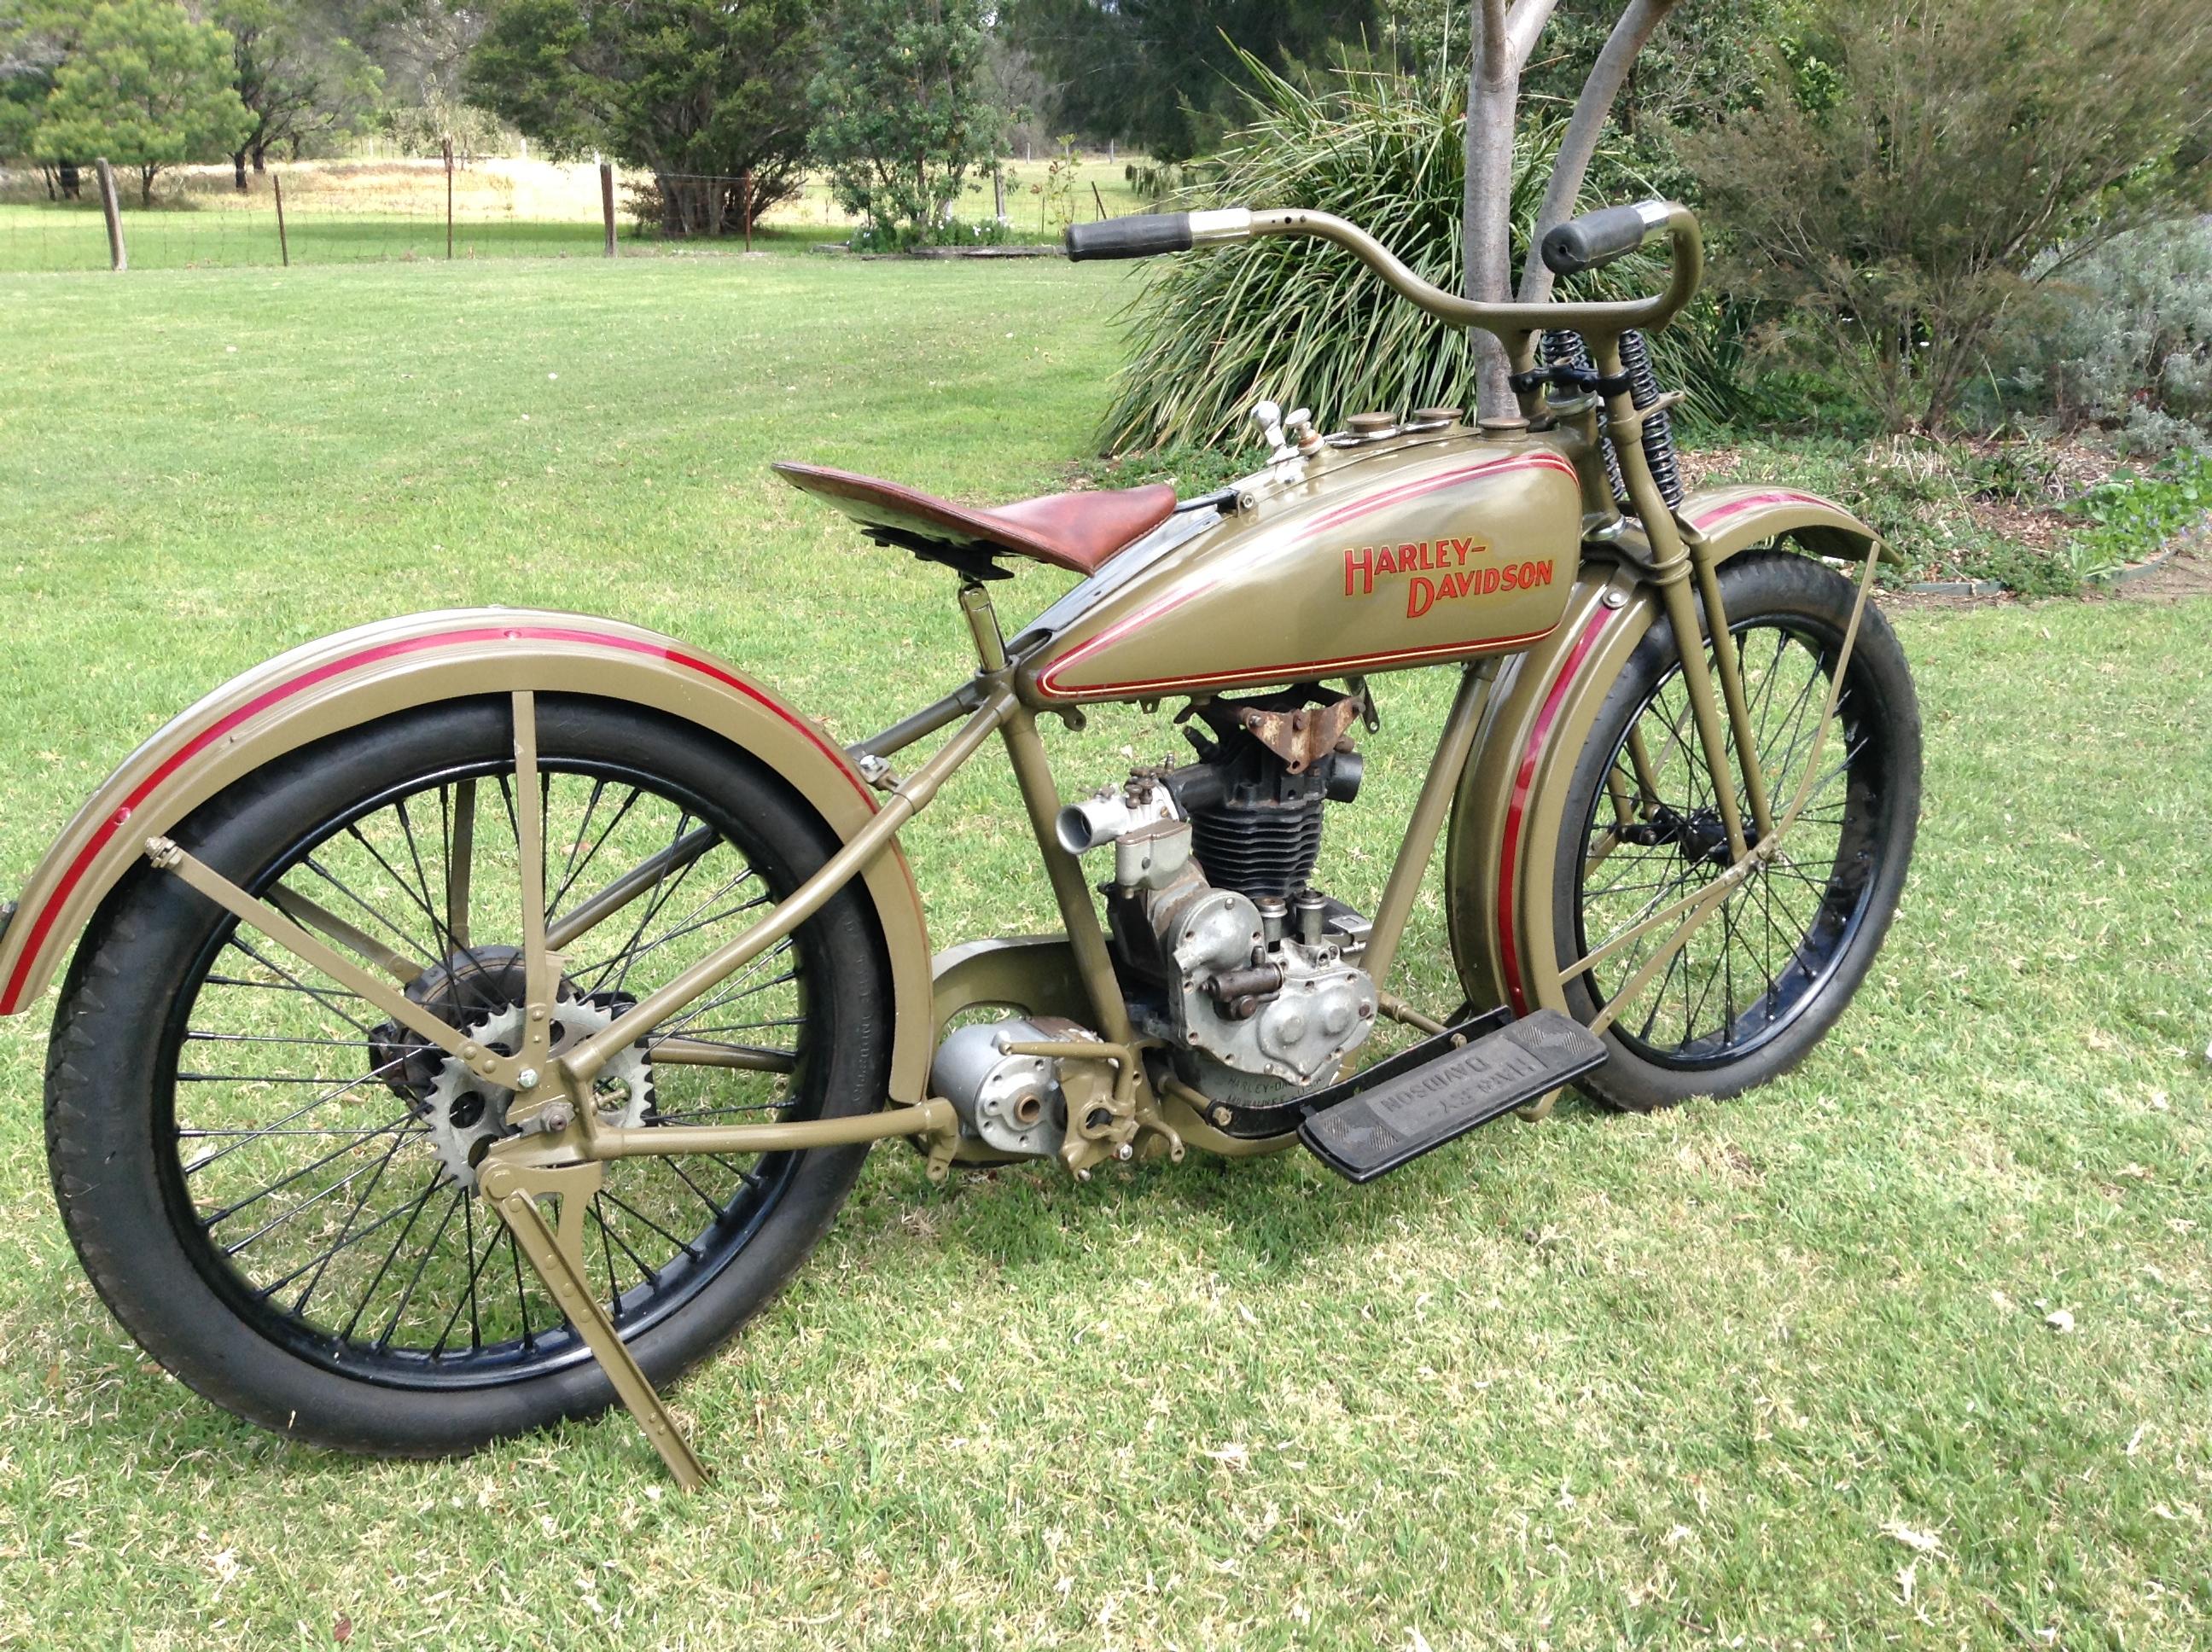 1928 Harley Davidson Ohv 350cc Sold: 1926 AA Harley Davidson OHV 003